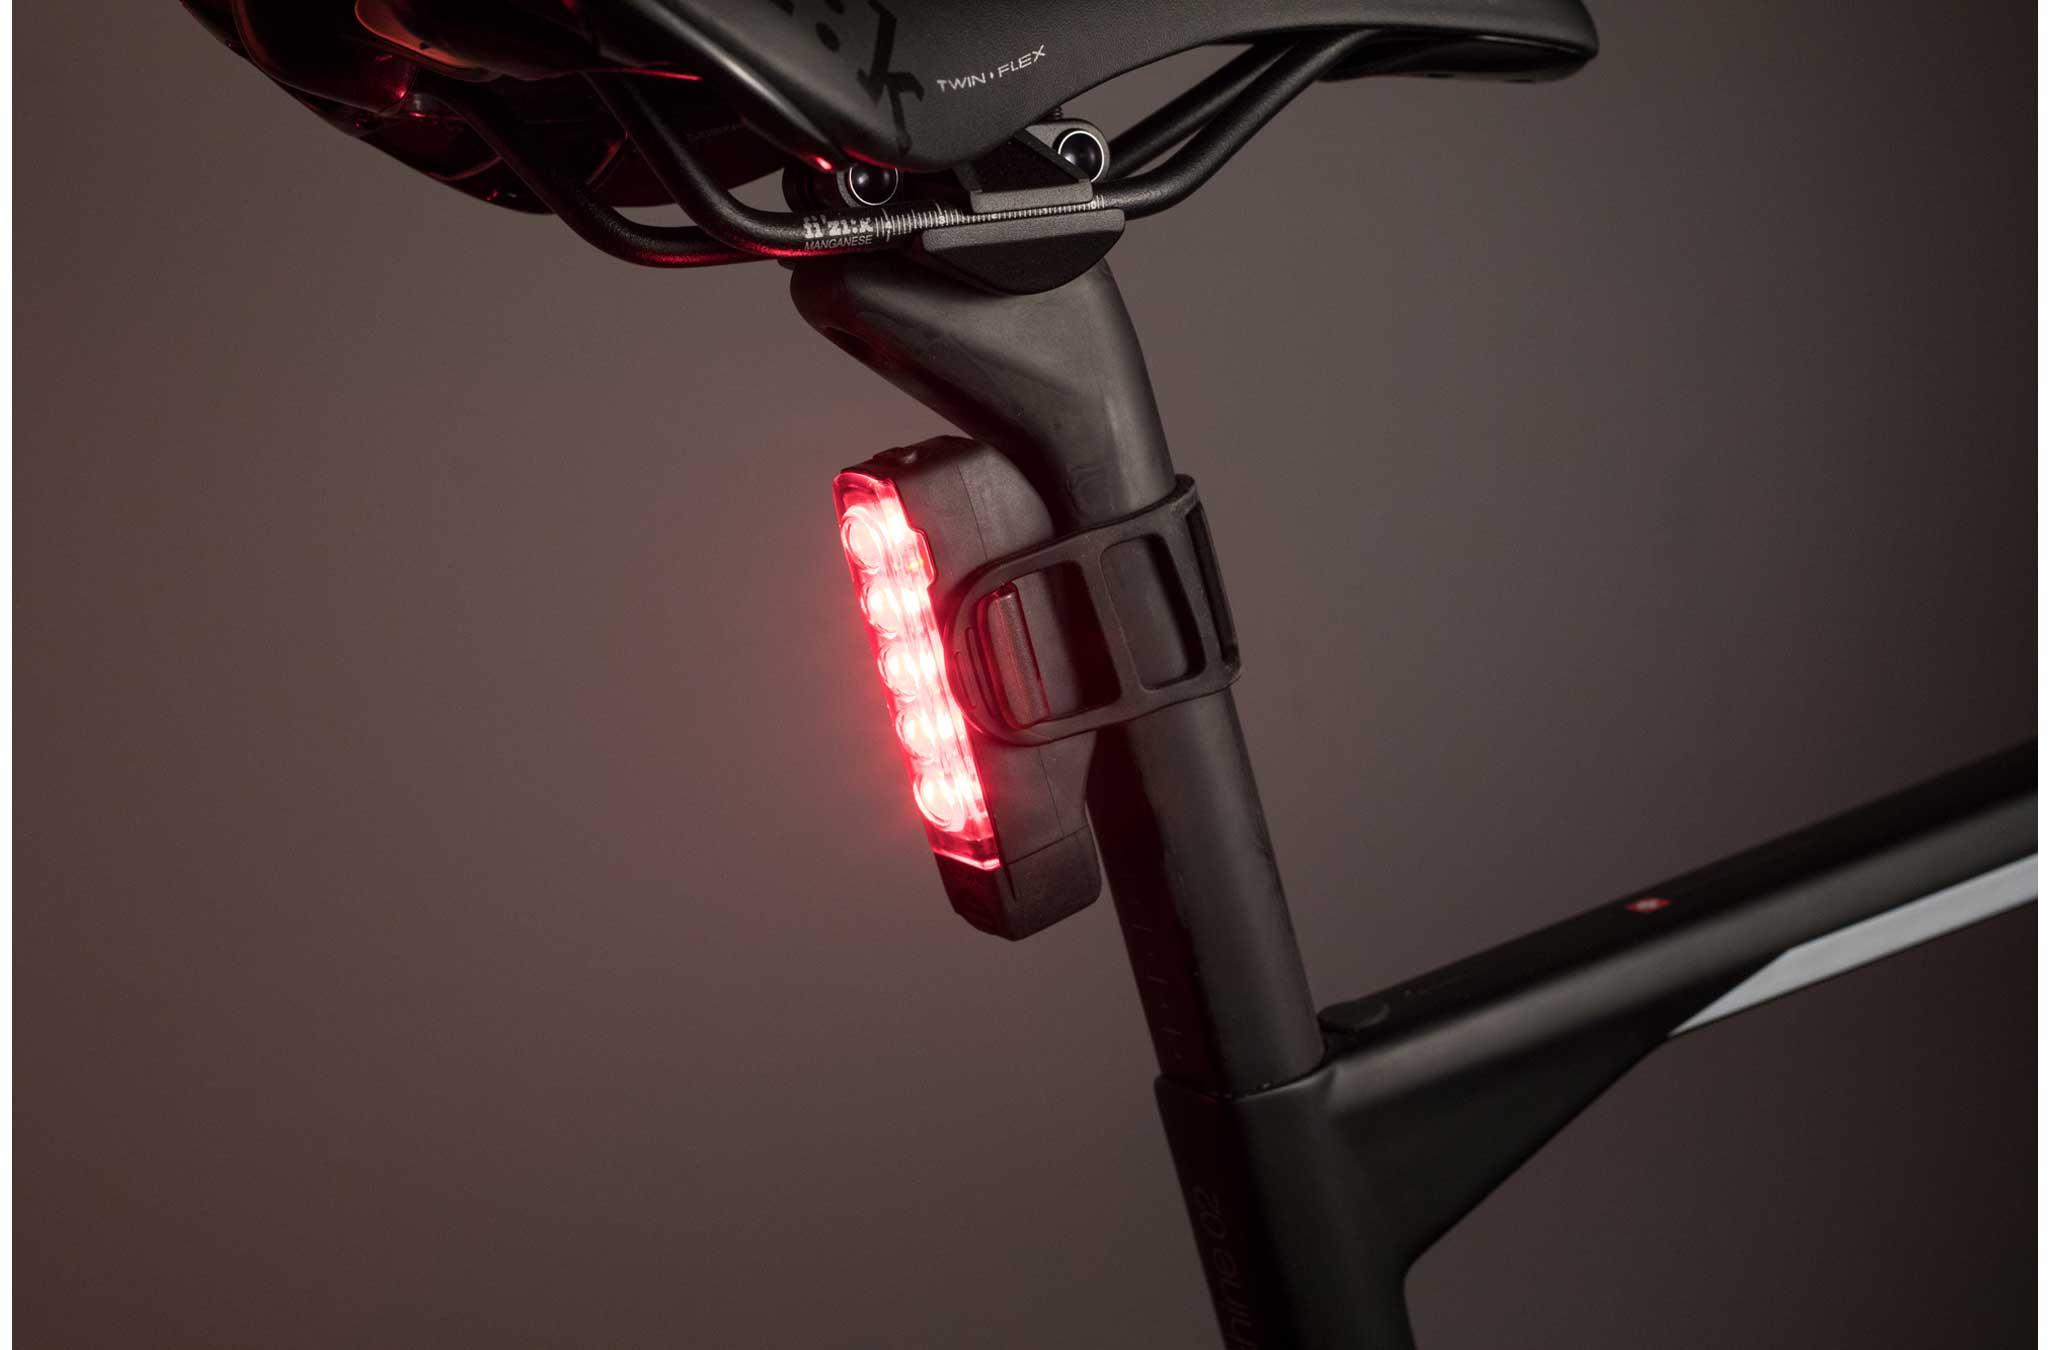 Luči LEZYNE, ki se odlikujejo s svetilnostjo ter veliko vzdržljivostjo in trpežnemu - aluminijastemu ohišju.